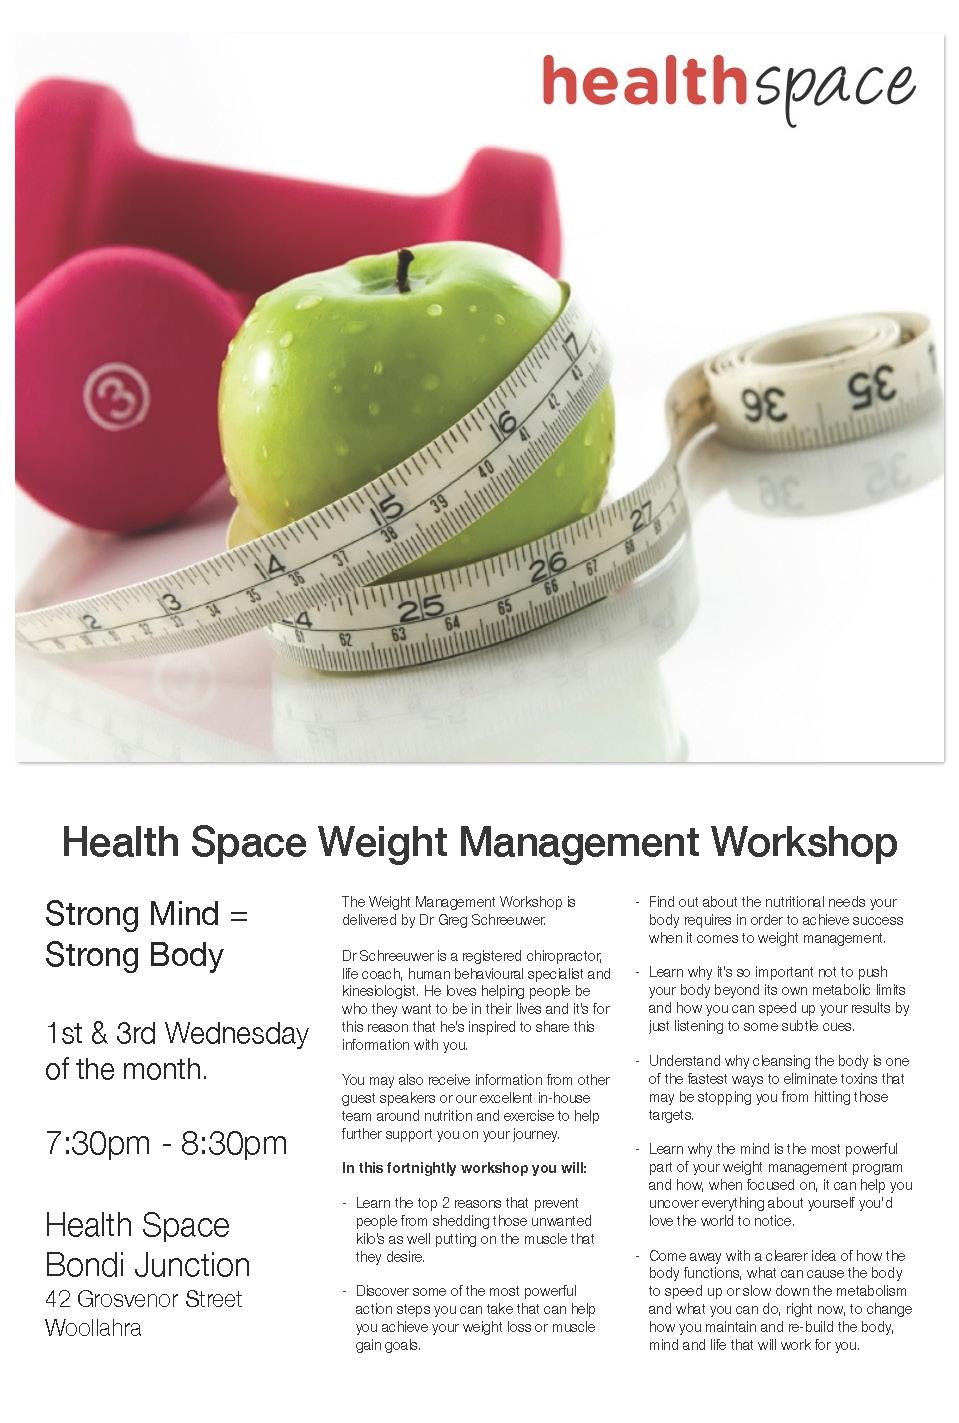 Weight Management Workshop Flyer